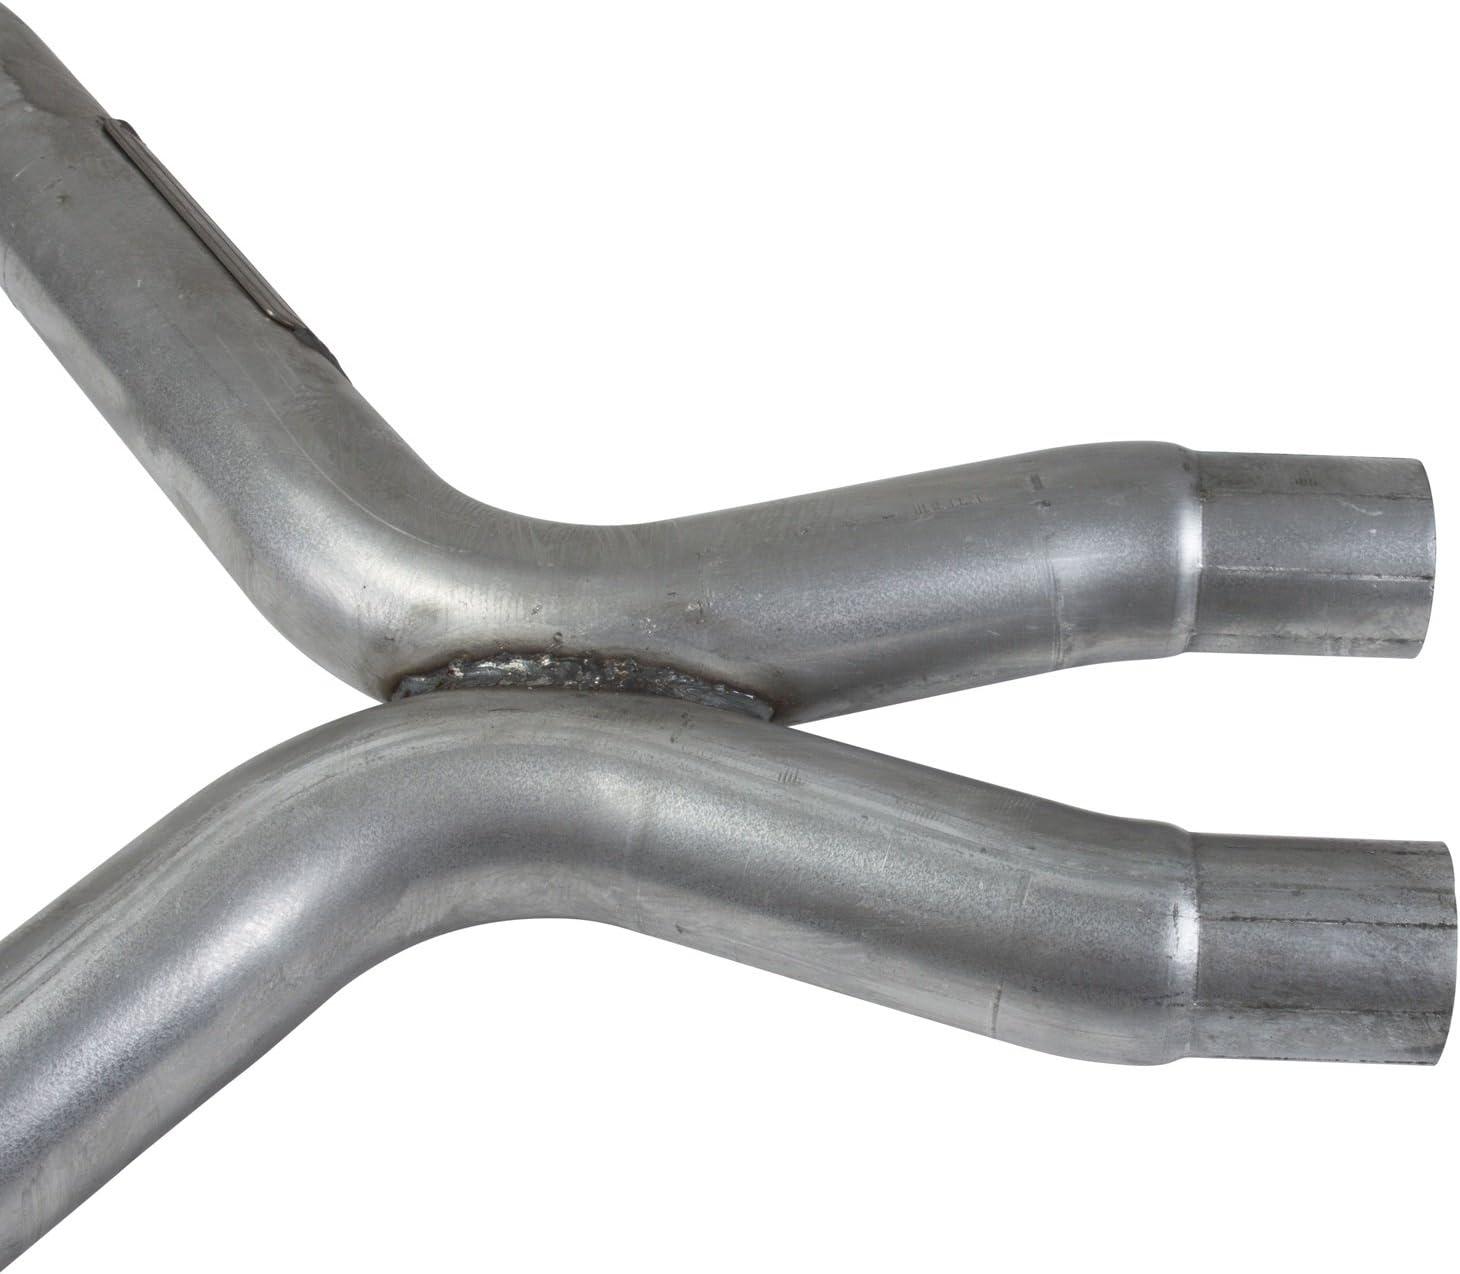 BBK bbk1462 Mustang 3.7 V6 X Pipe-Off Road Race Use 2-1//2 For Long Tube Headers